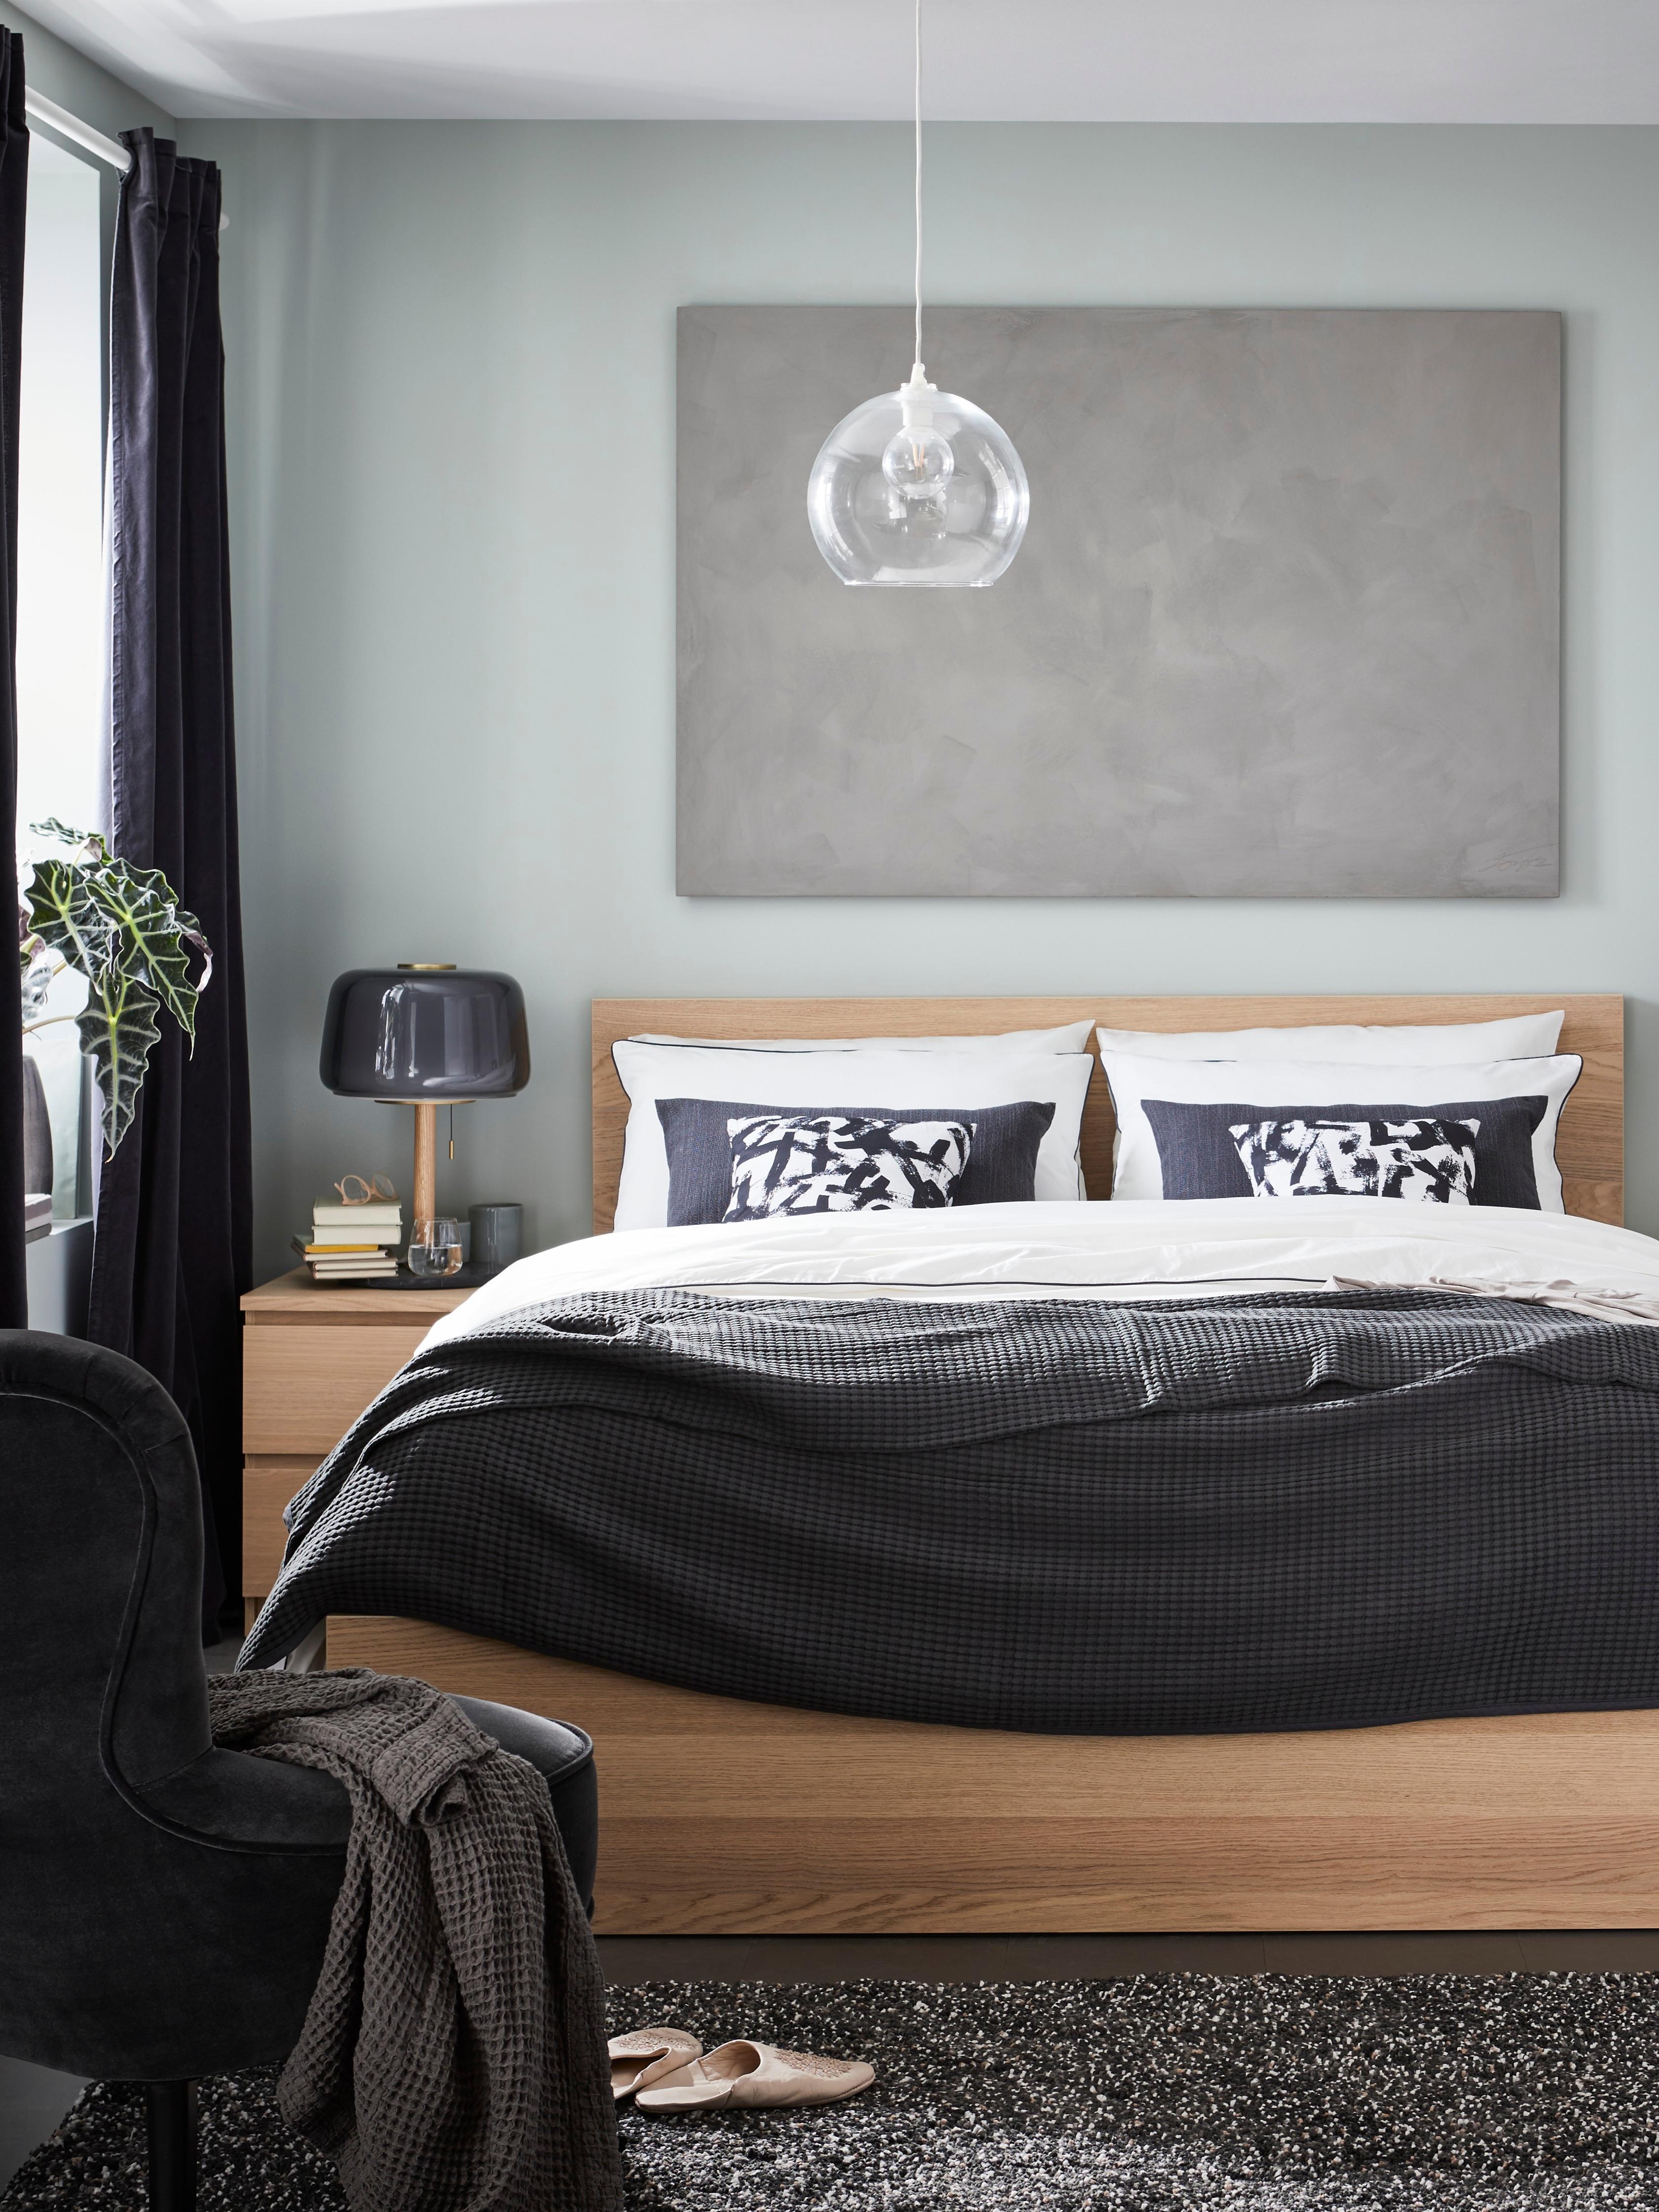 MALM visoki okvir kreveta bele boje od bajcovanog hrastovog furnira namešten je posteljinom u tamnoj i svetloj boji. Iznad njega visi siva slika.